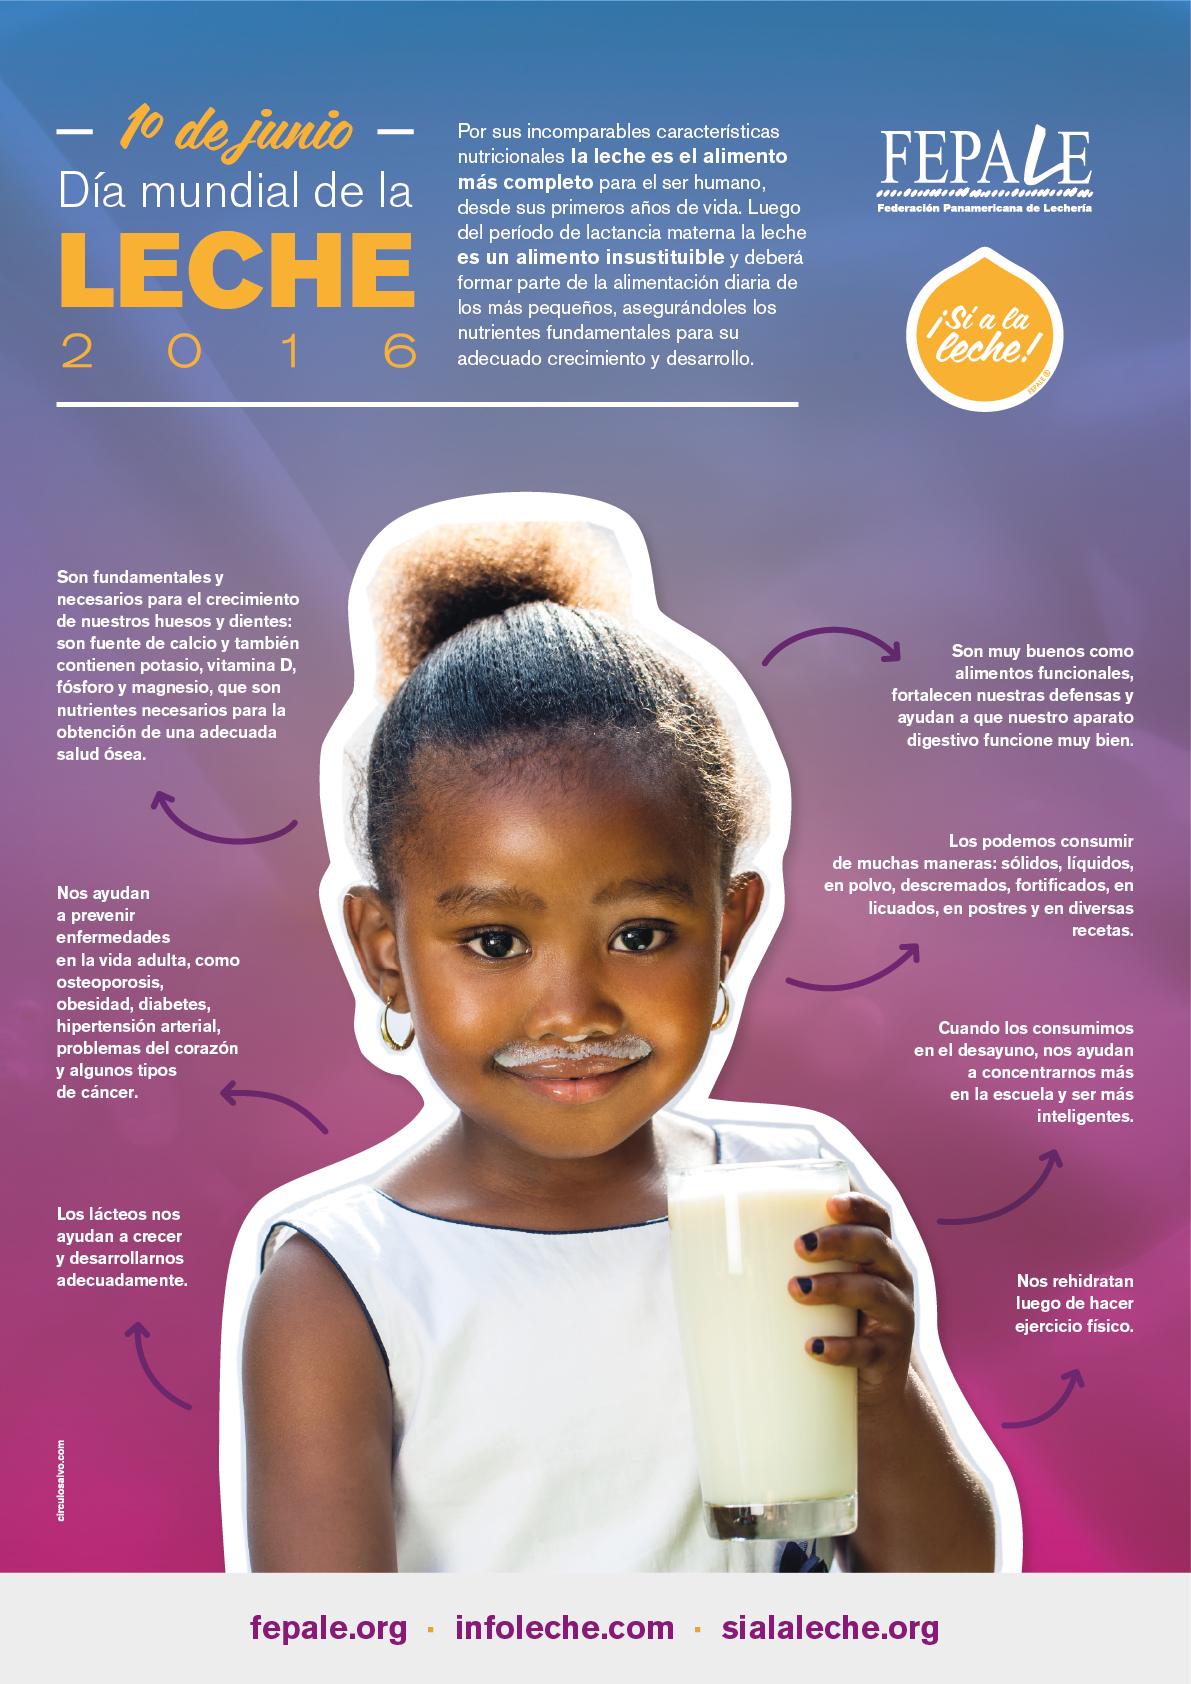 Fepale_Afiche_dia-mundial-leche